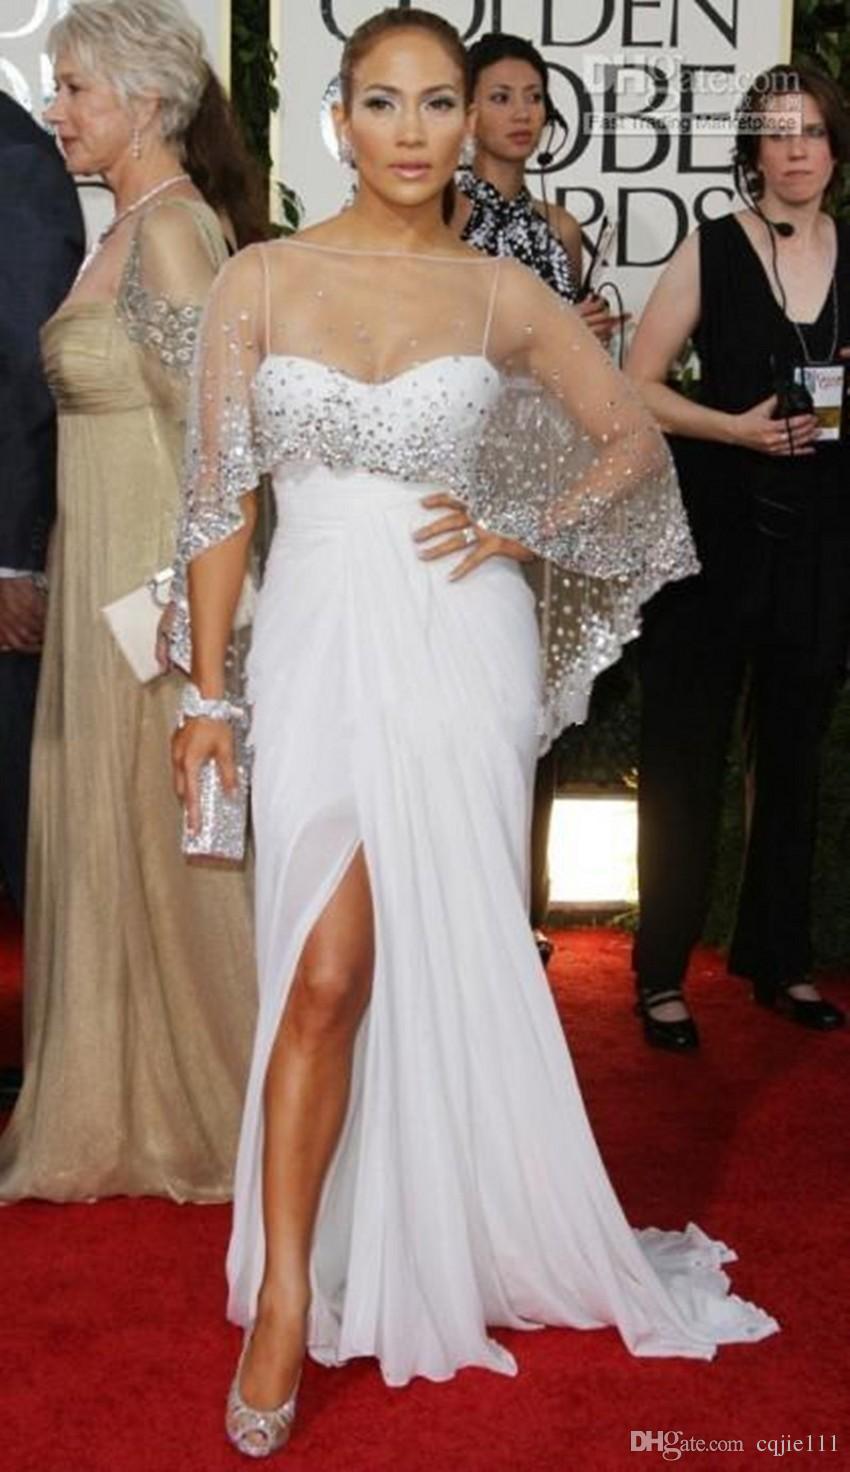 Großhandel 19 Neue Jennifer Lopez Abendkleider Inspiriert Promi Kleider  Spaghetti Mit Sheer Crystal Wrap Seitenschlitz Chiffon Bodenlangen Kleider